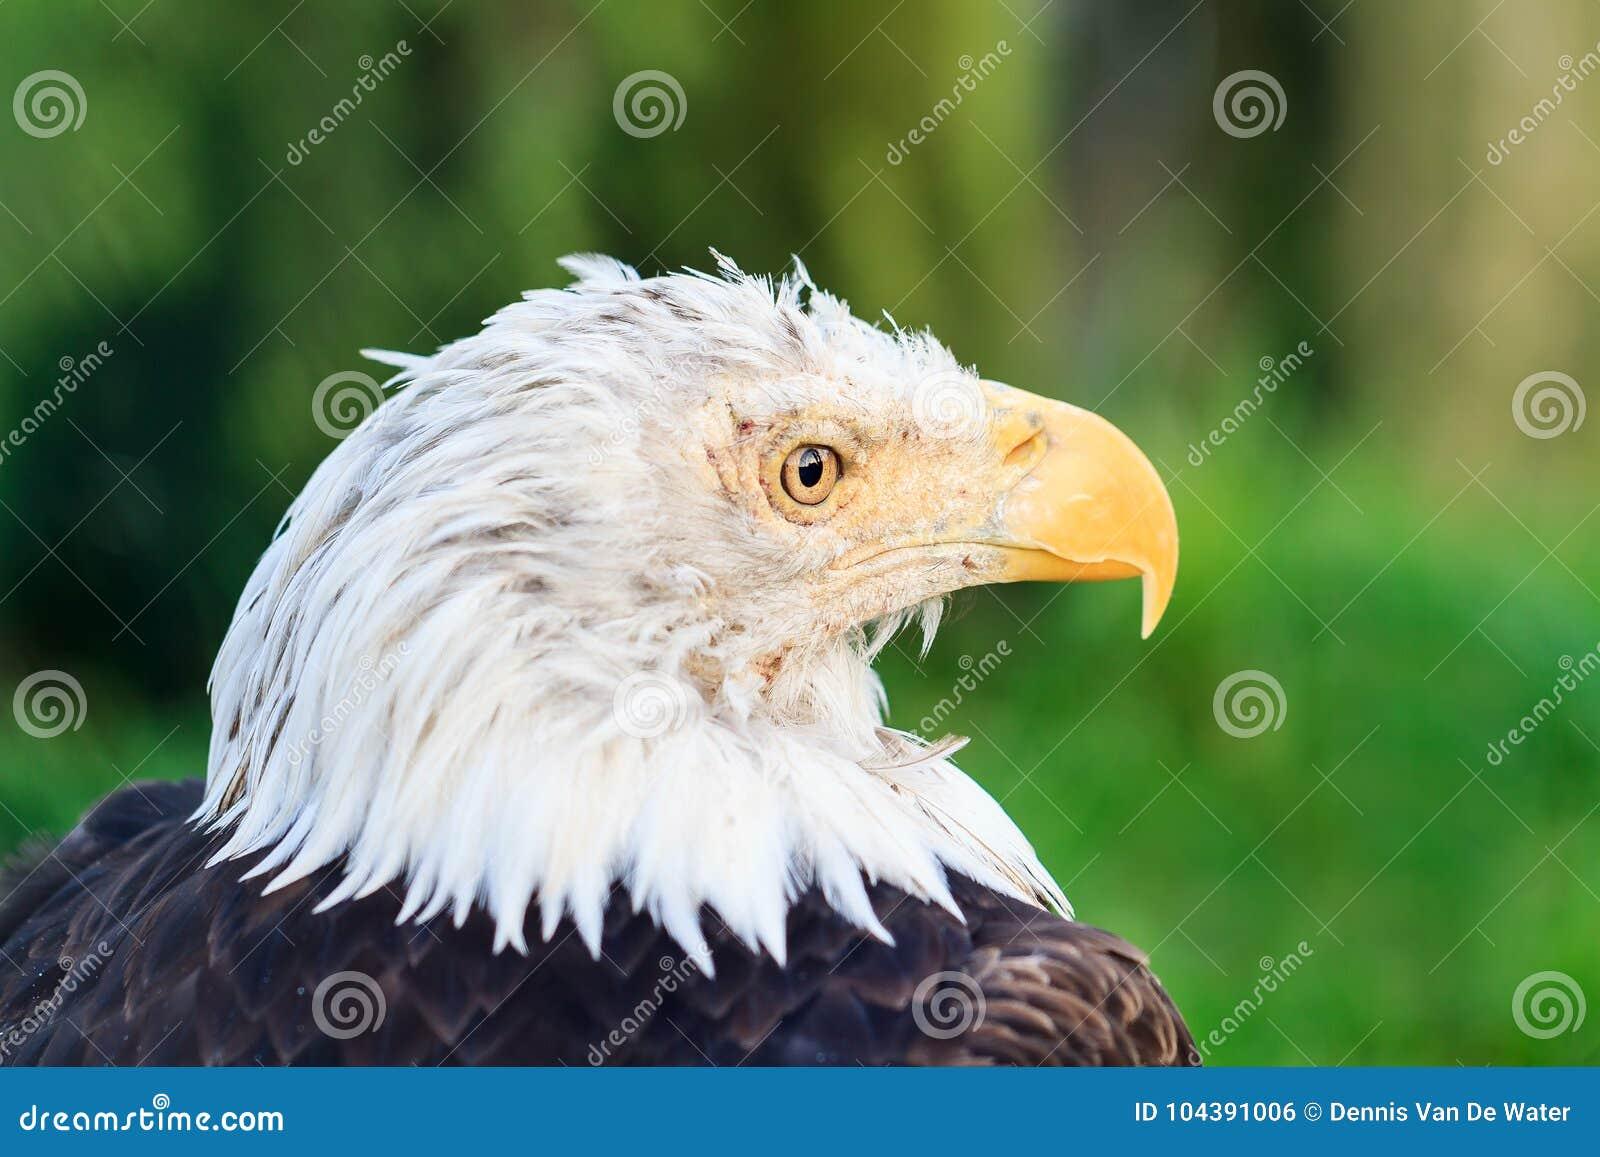 The Bald Eagle Portrait Stock Photo Image Of Beak Symbol 104391006